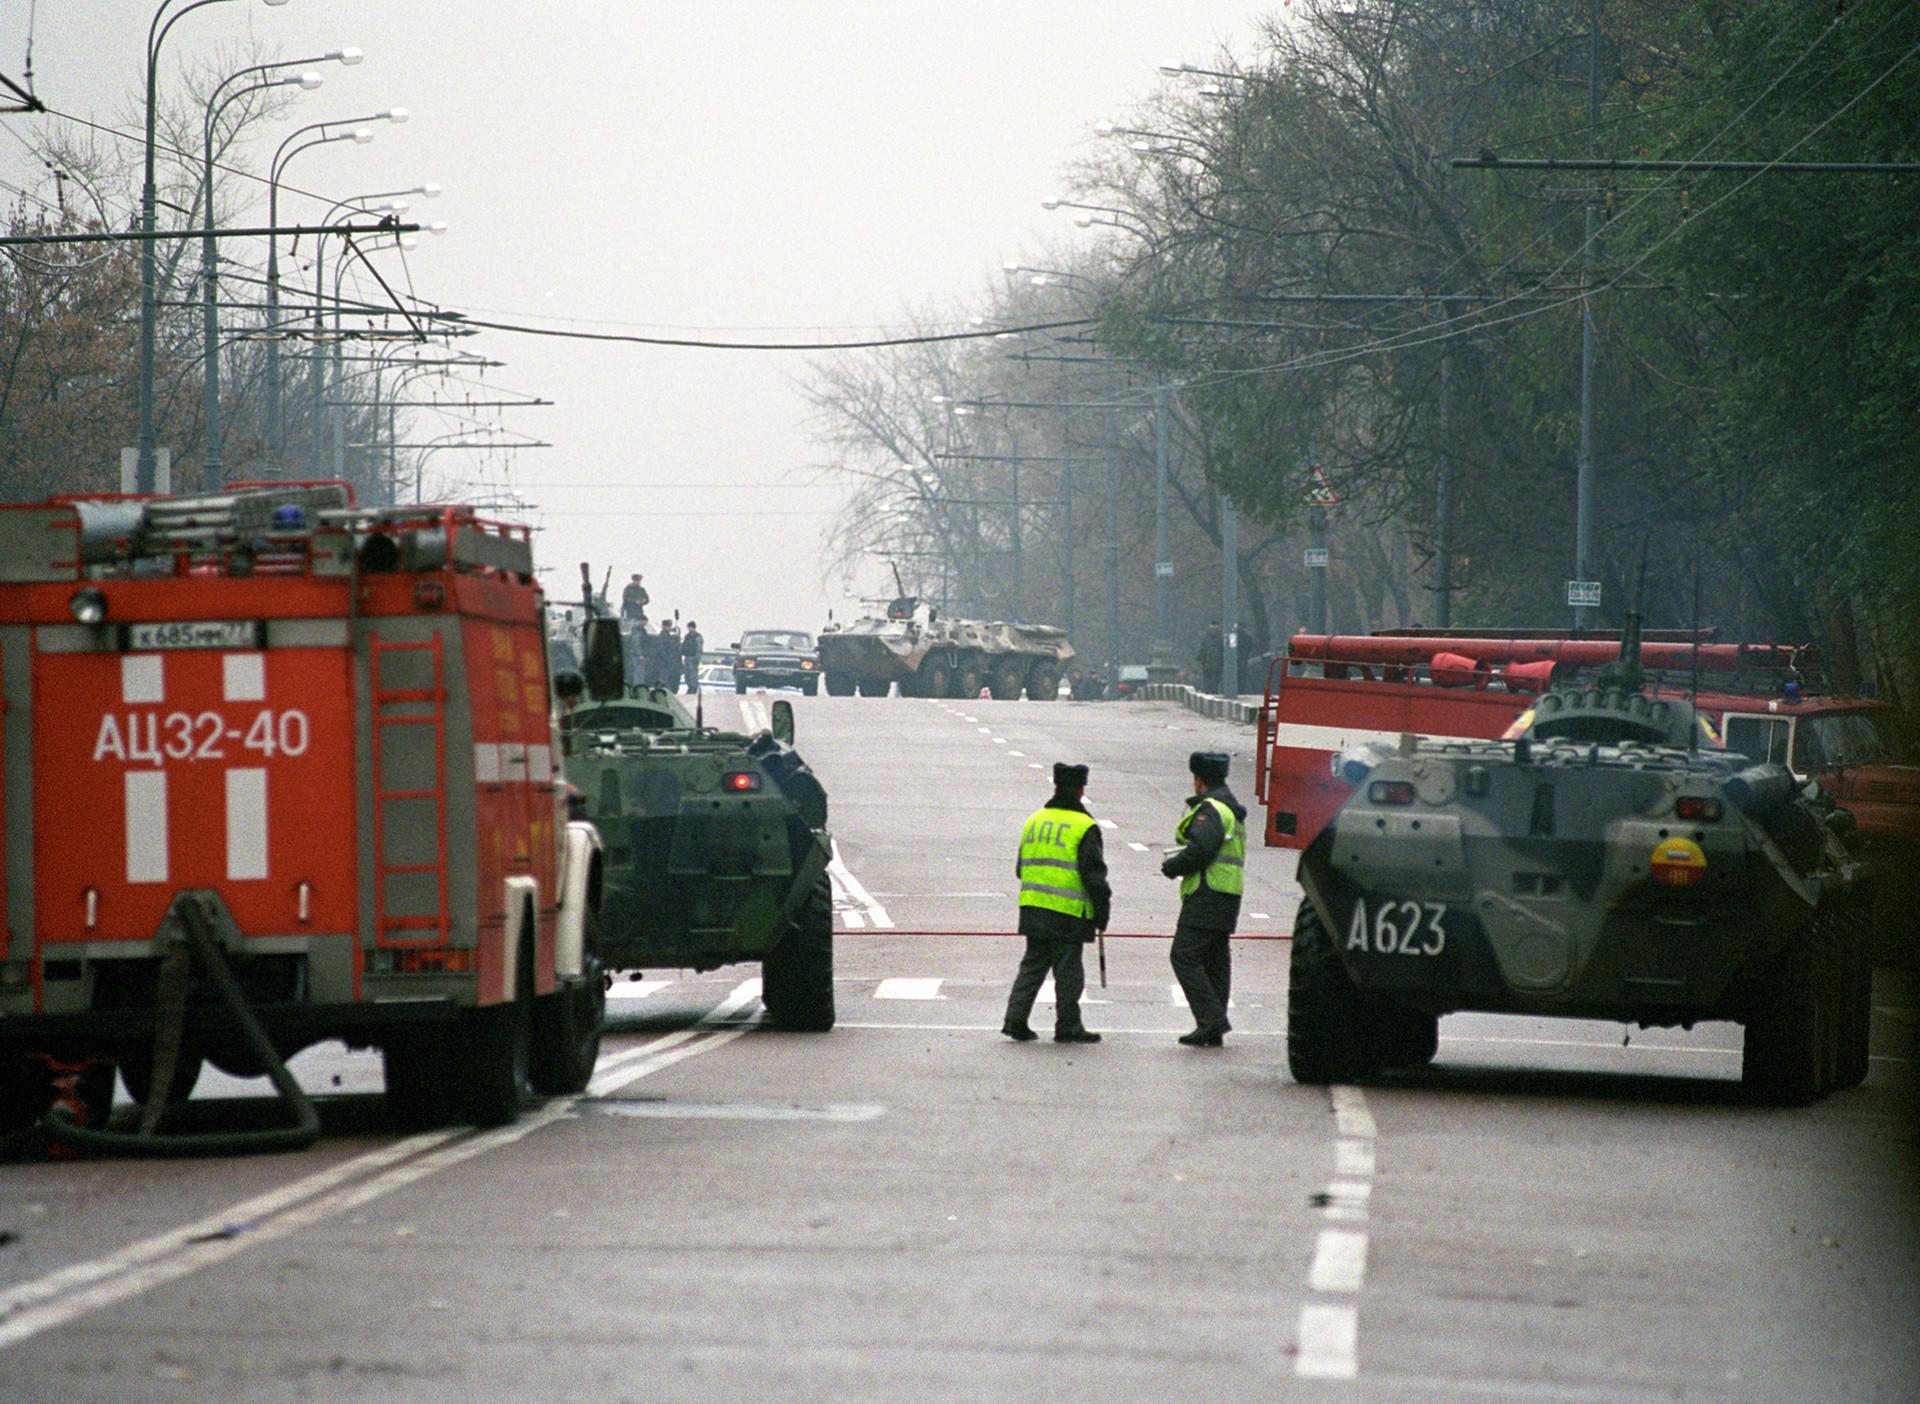 Polizeibeamte und Militärausrüstung in der Nähe vom Moskauer Dubrowka-Theater, wo während der Aufführung des Musicals